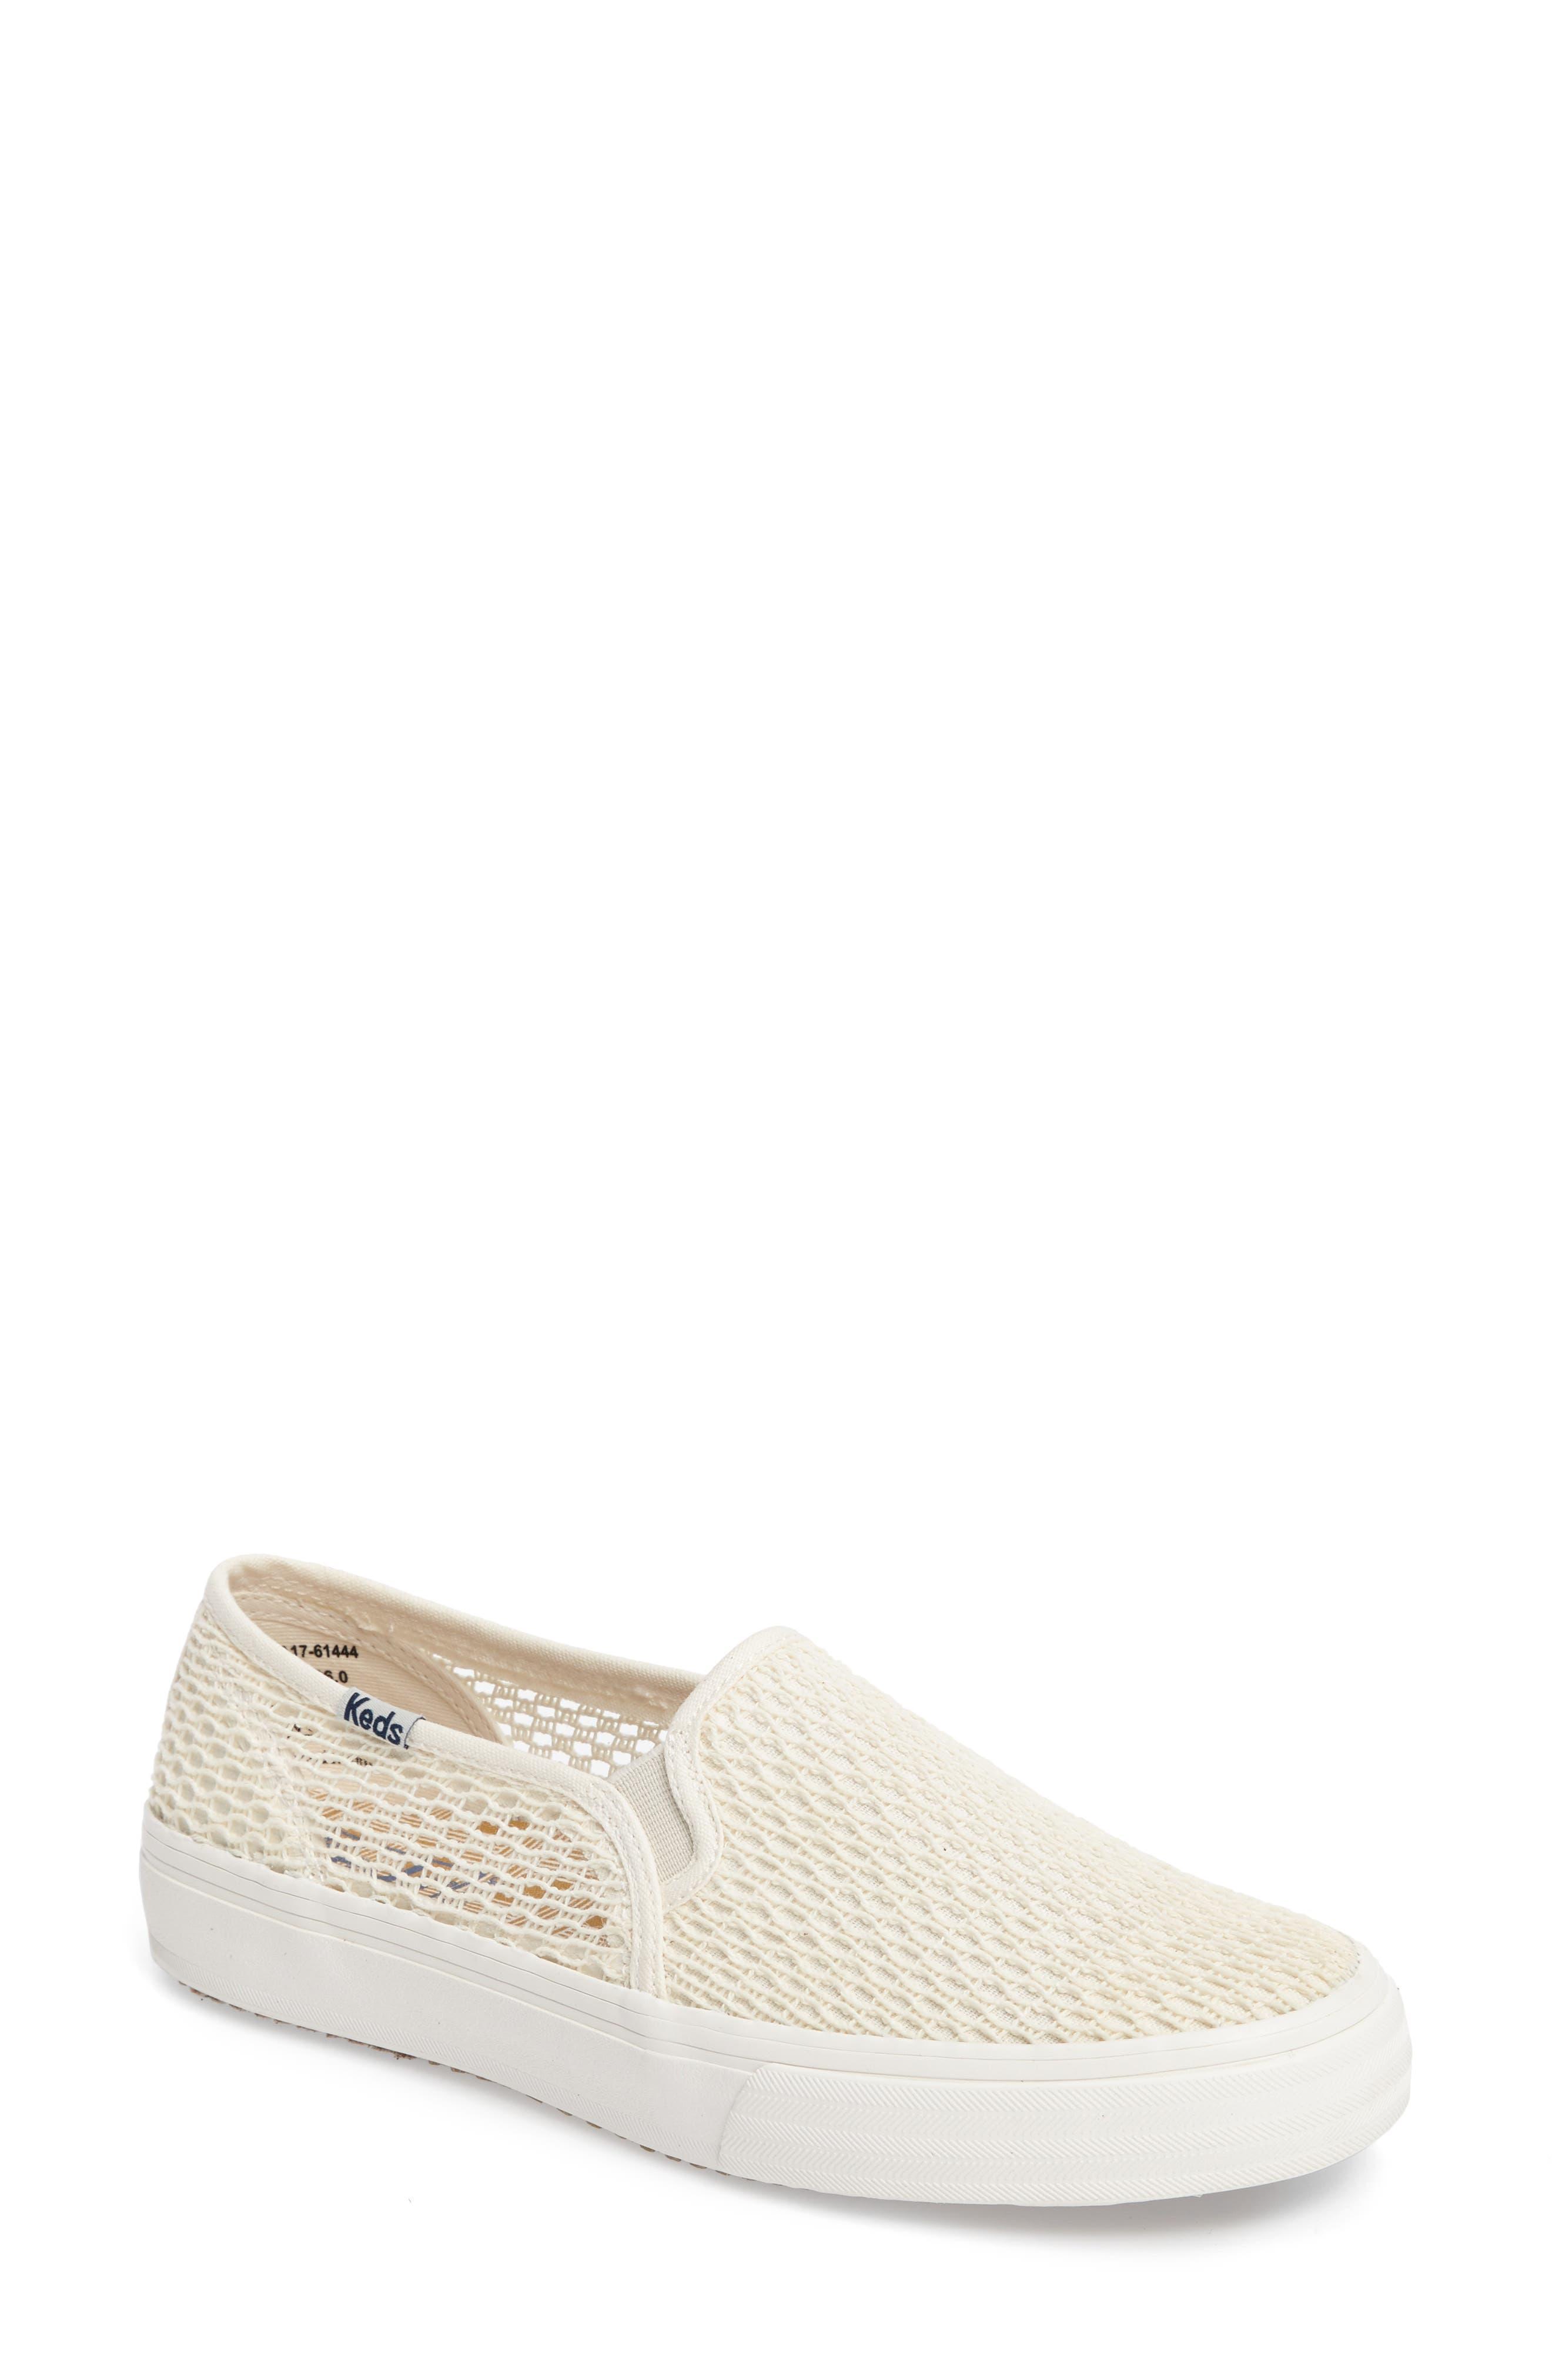 Double Decker Crochet Slip-On Sneaker,                             Main thumbnail 1, color,                             Cream